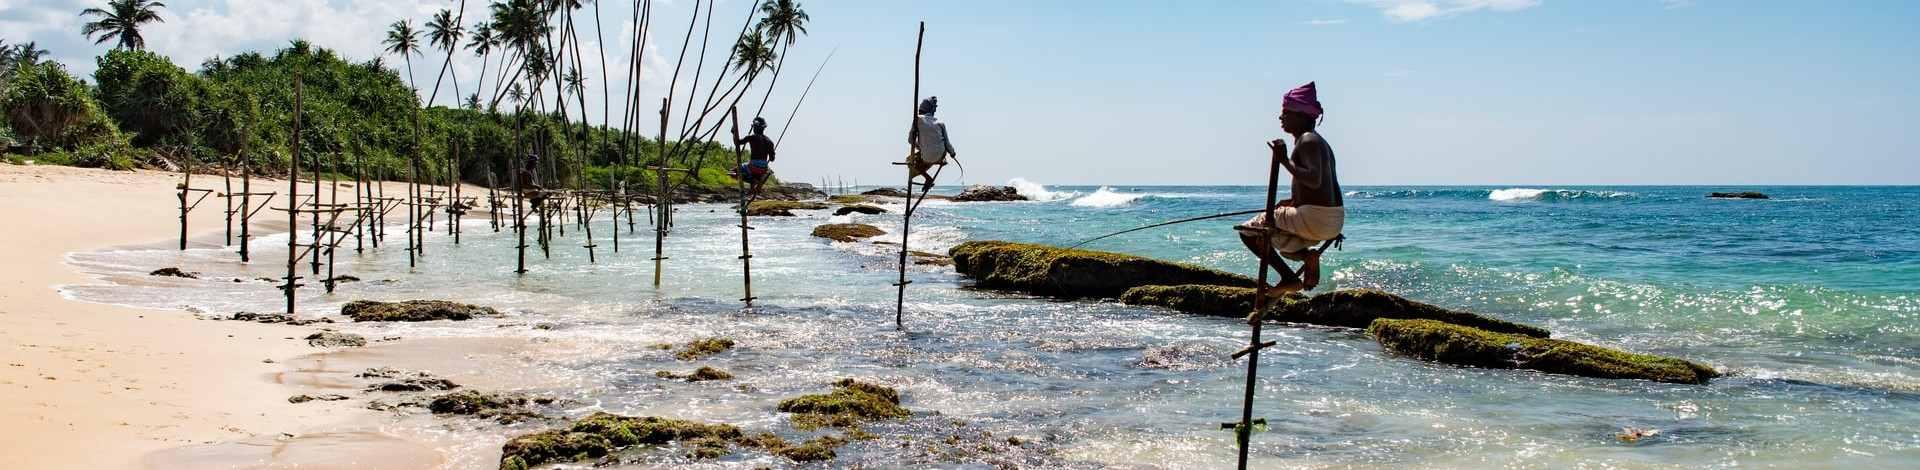 Pêcheurs Weligama plage sud Sri Lanka